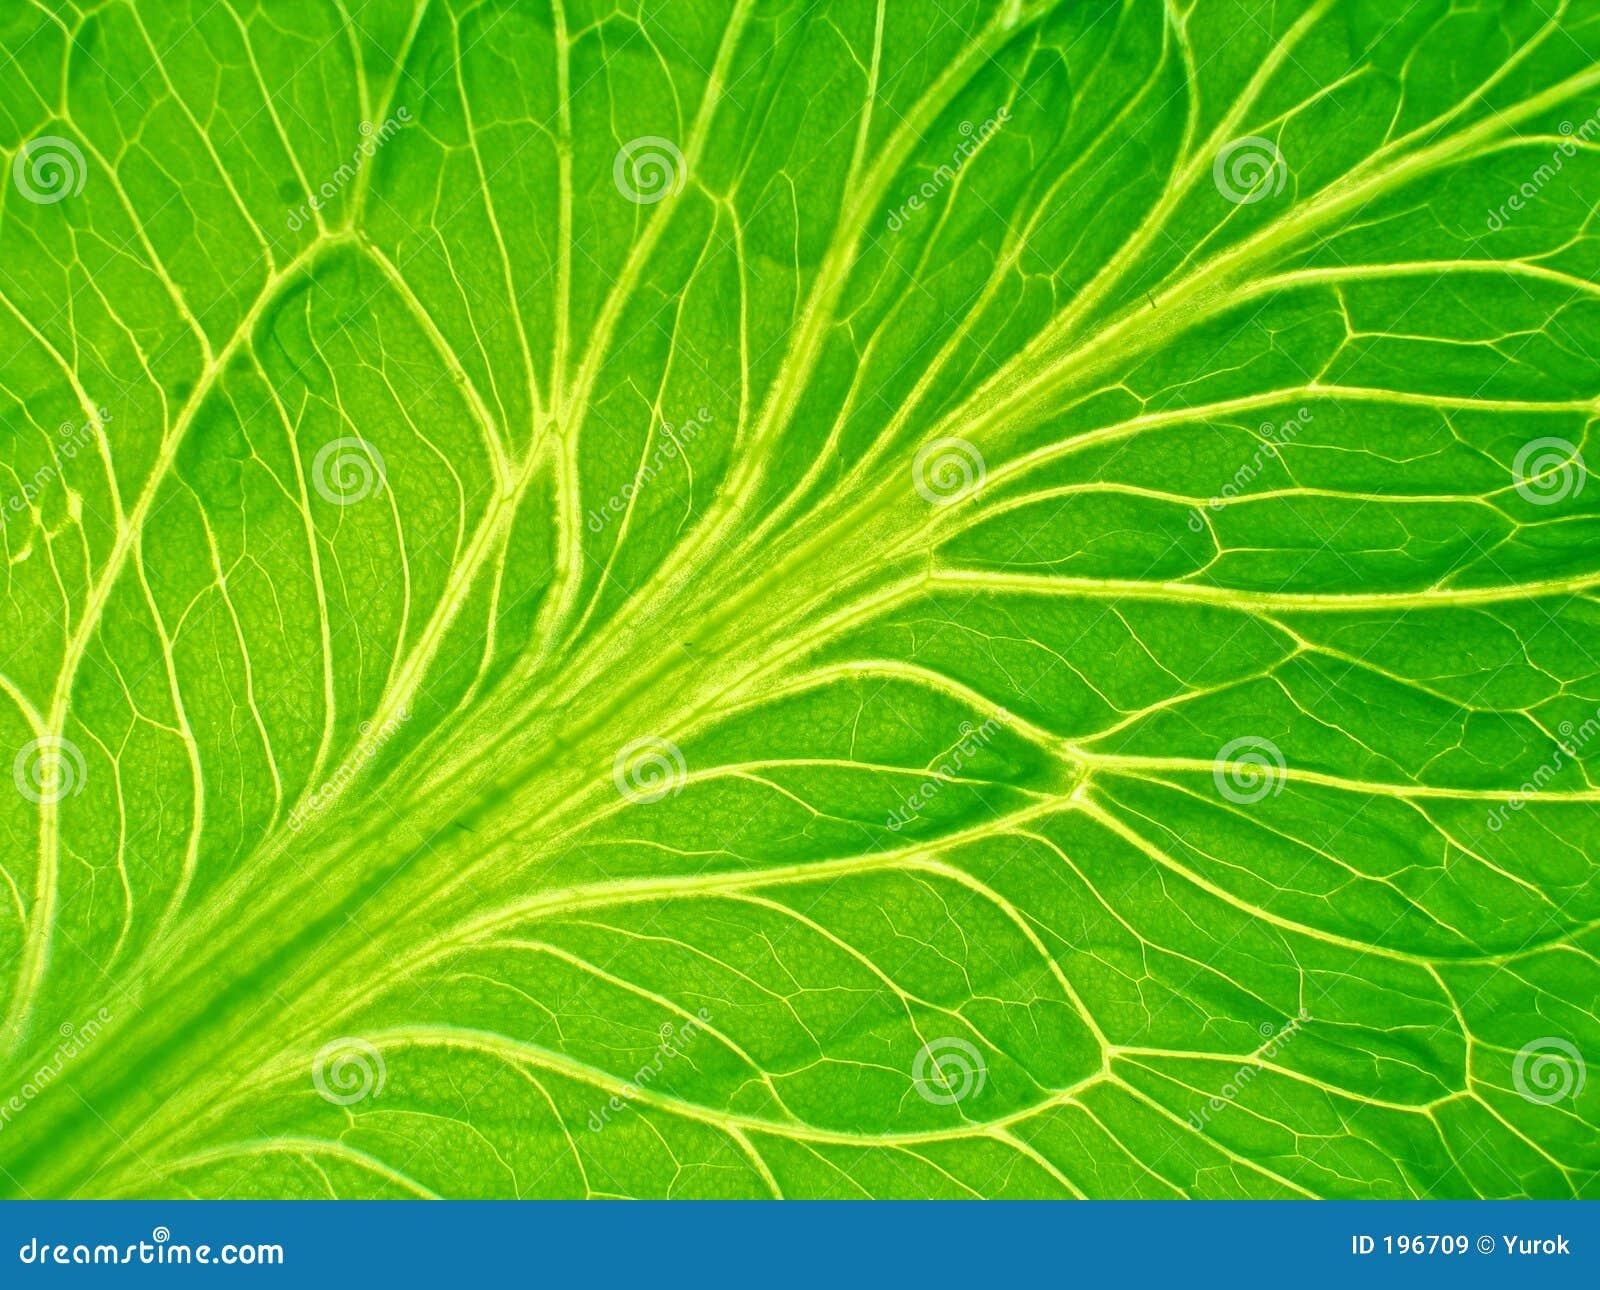 Detailed leaf of salad